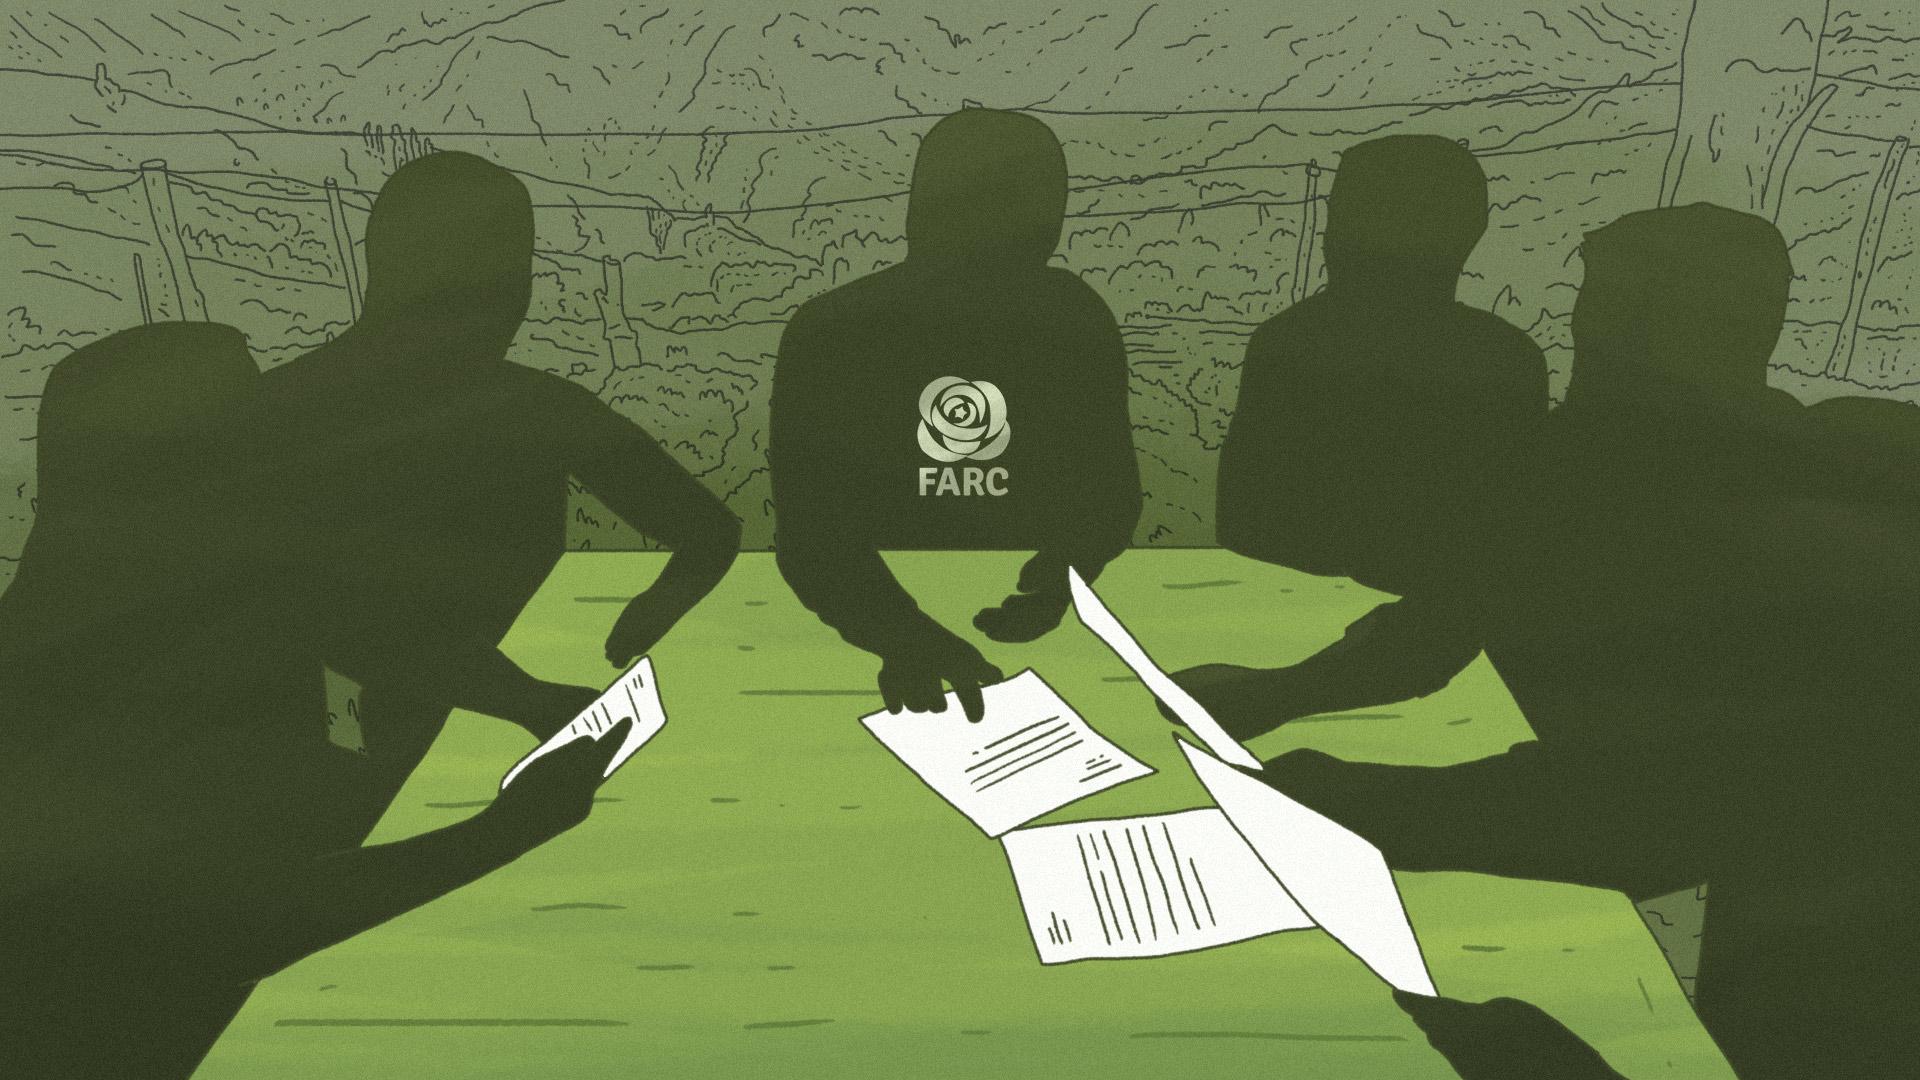 'Es un momento agridulce para el partido': miembro de Farc